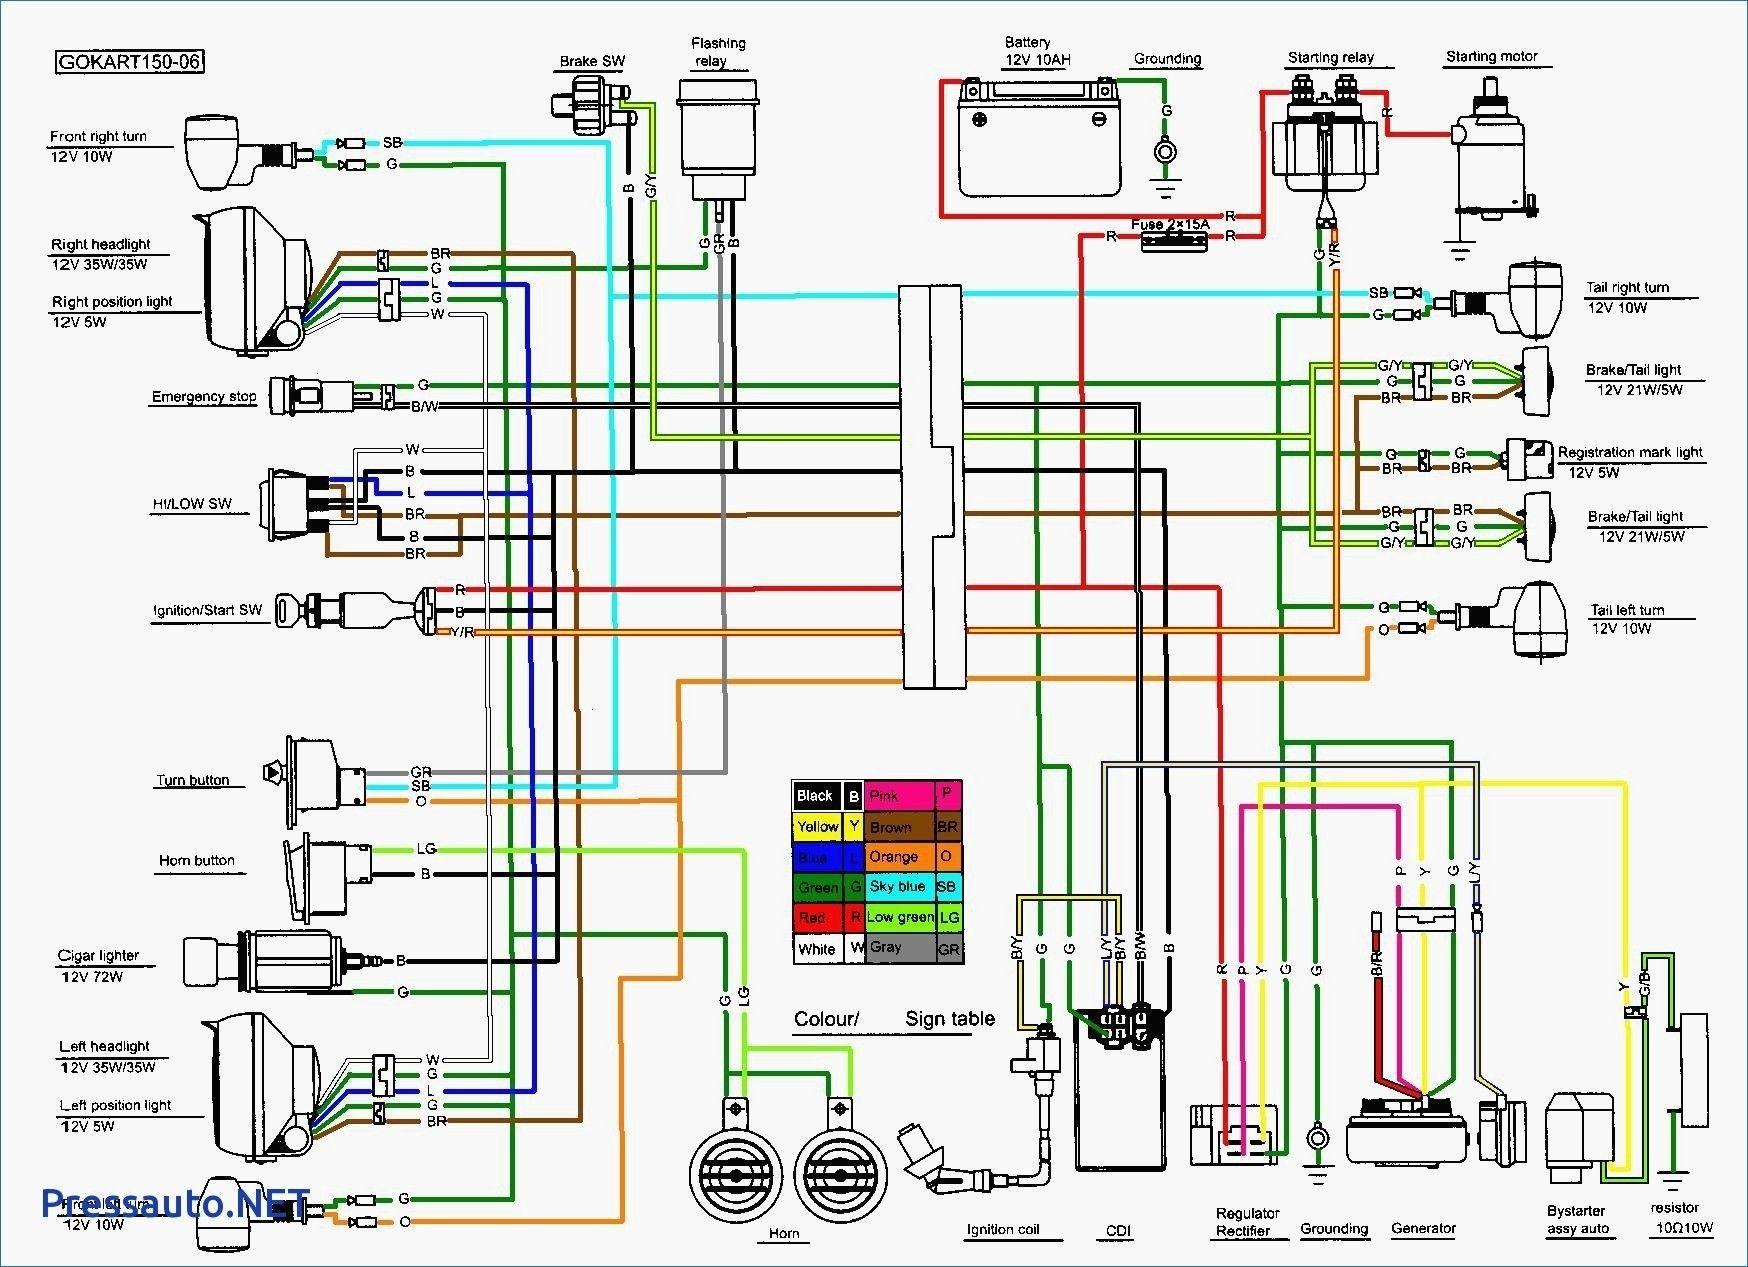 unique wiring diagram for electric razor scooter diagram razor scooter battery wiring diagram razor scooter diagram [ 1748 x 1267 Pixel ]